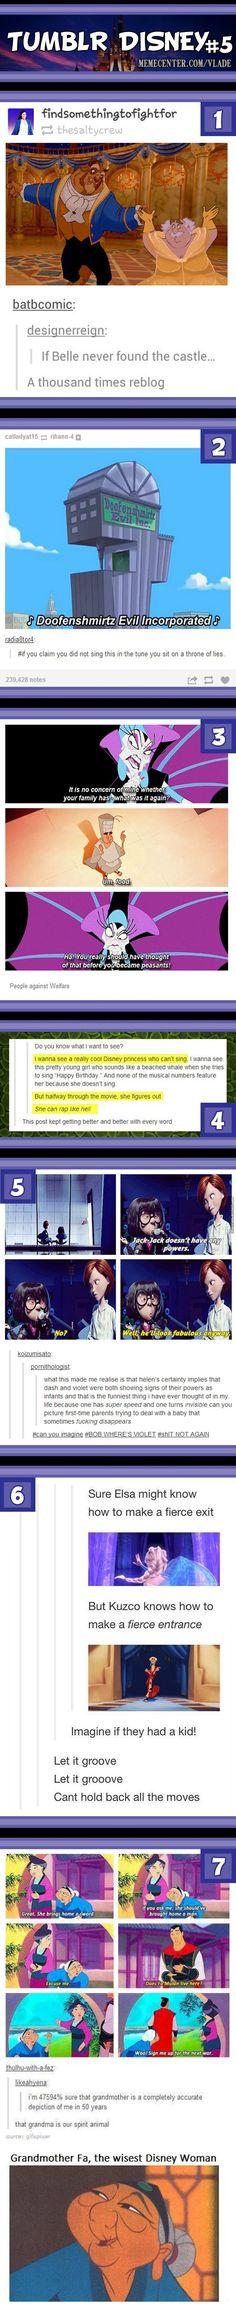 Tumblr Disney #5